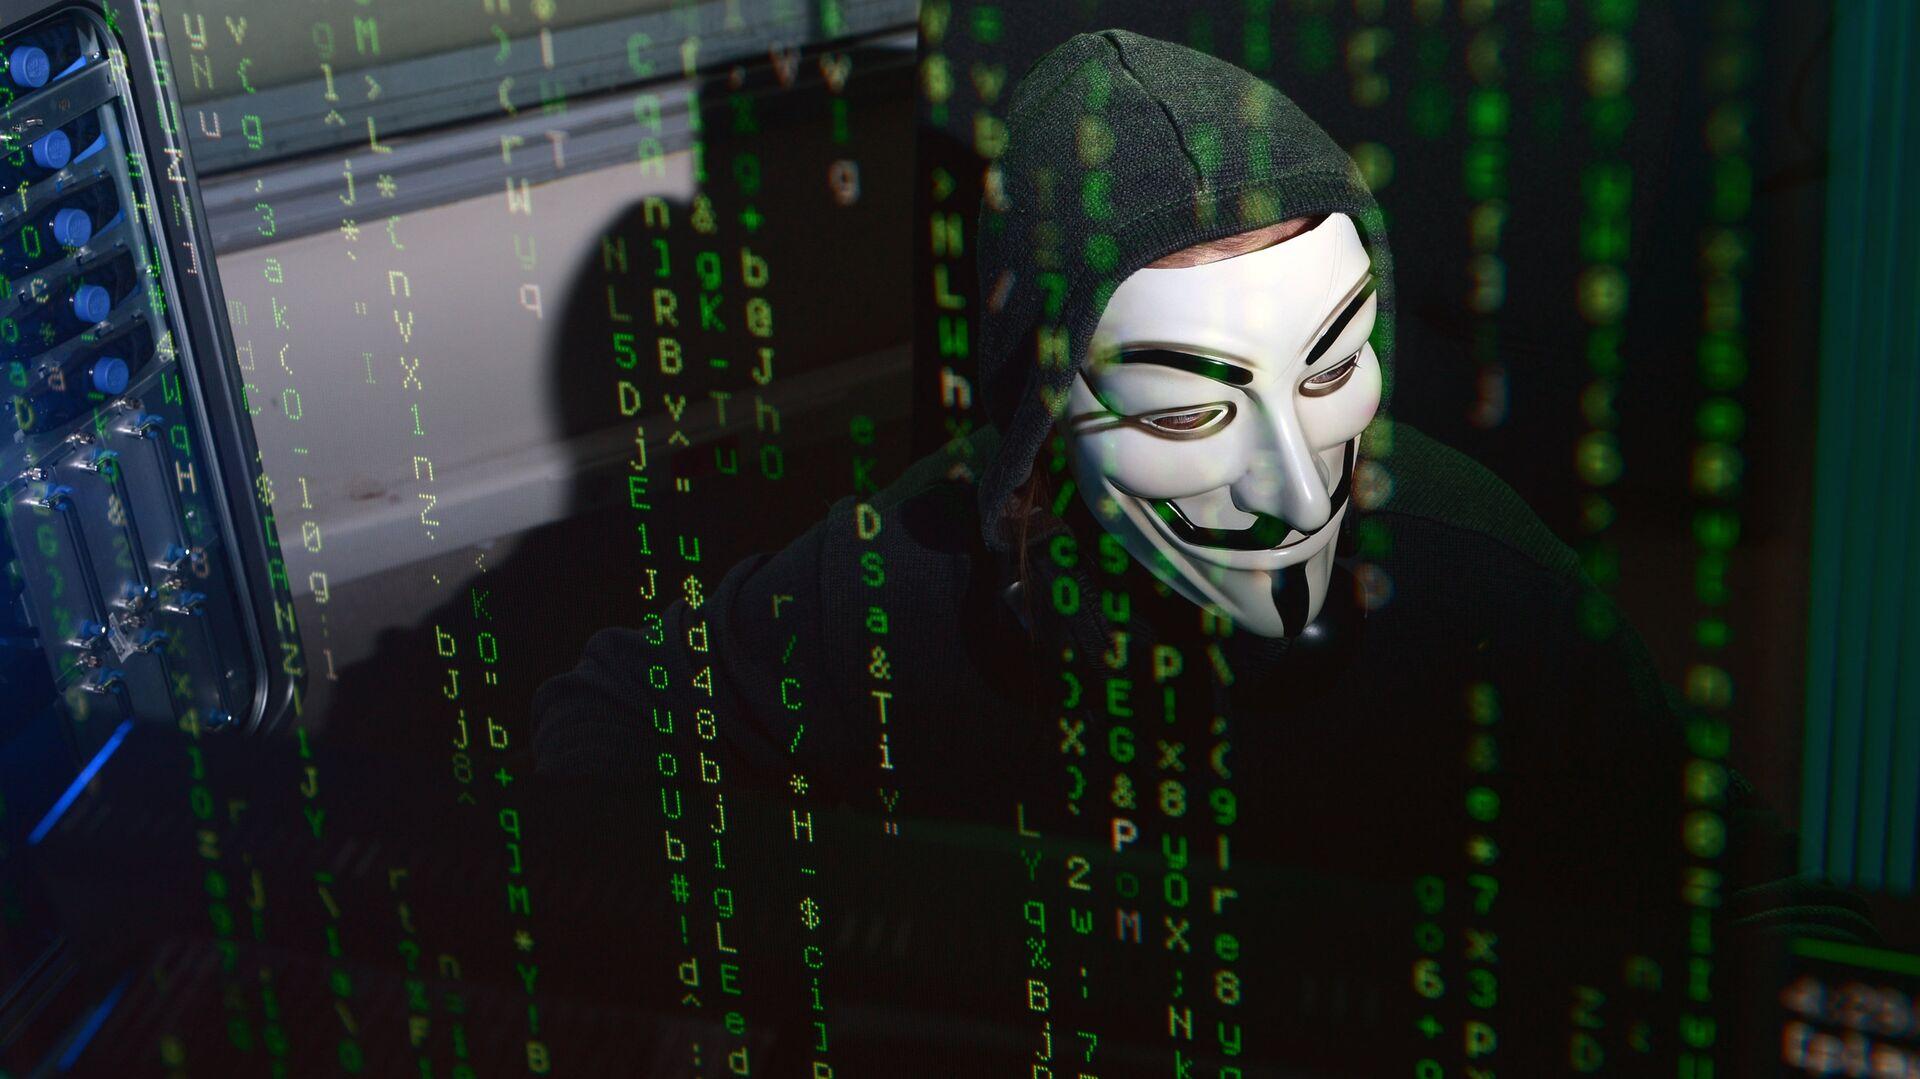 Вирус-вымогатель атаковал IT-системы компаний в разных странах - РИА Новости, 1920, 19.10.2020